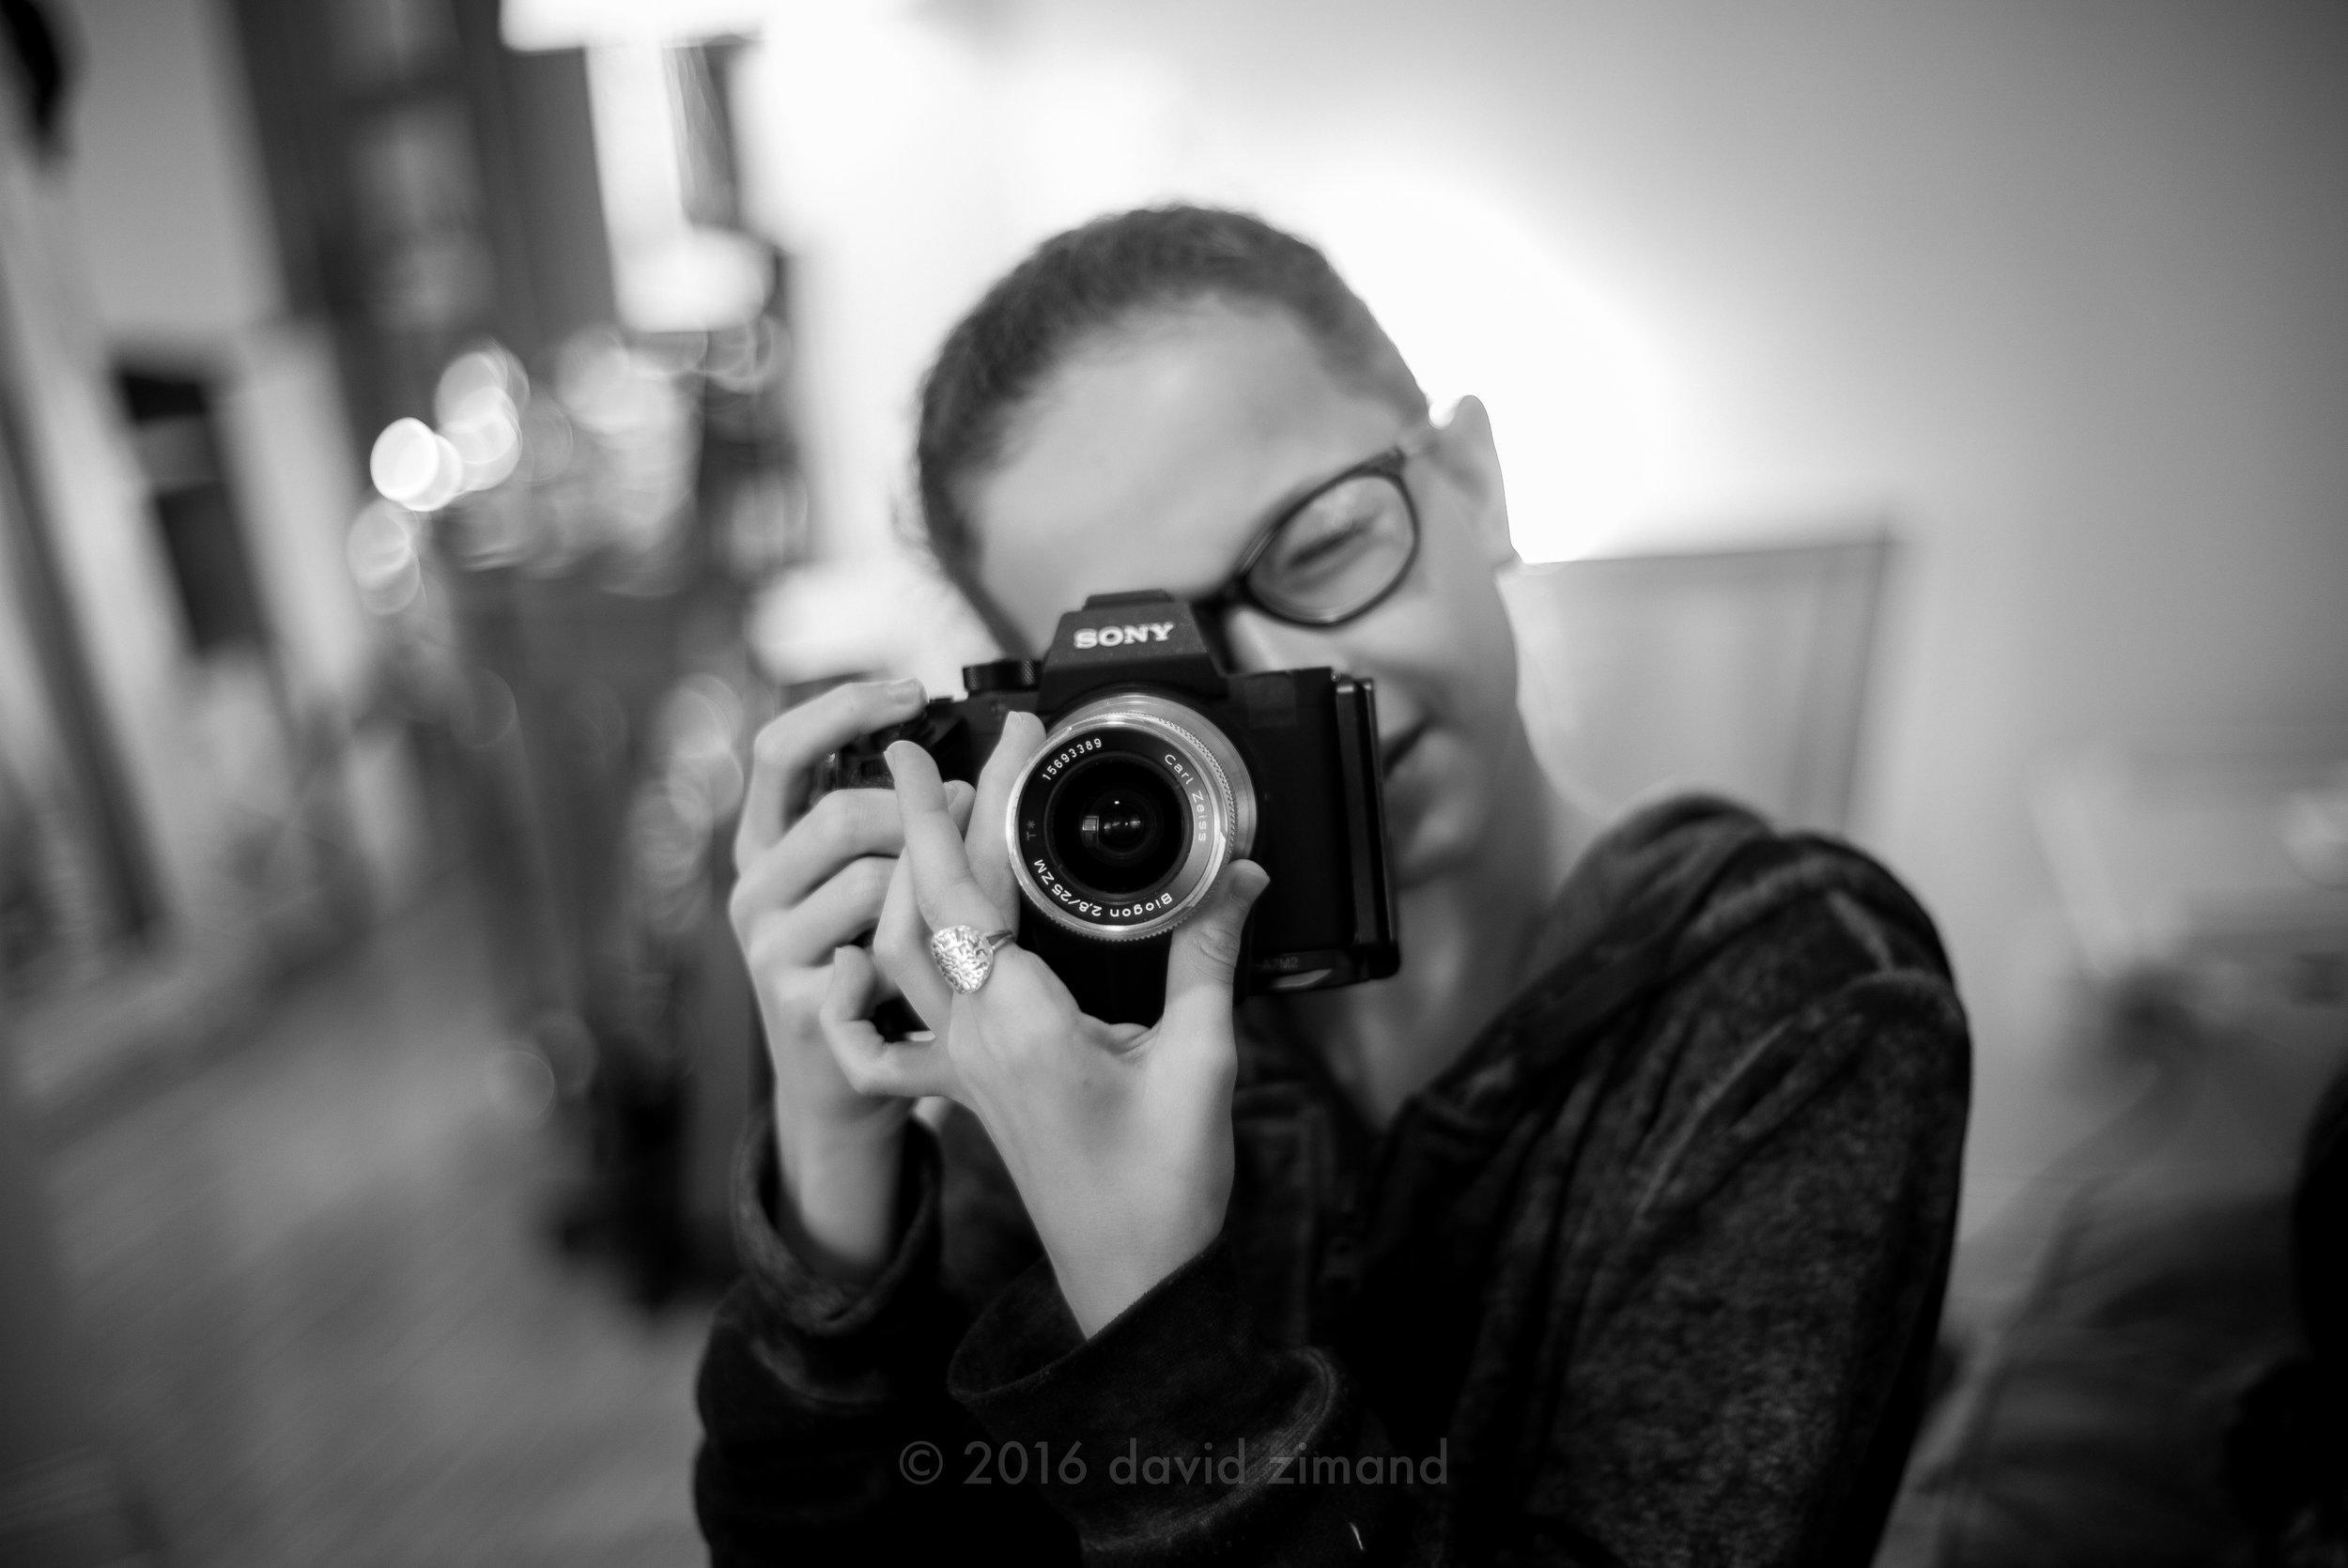 Shooting Sony - episode 2 - Zeiss ZM 25/2 8 Biogon — DAVID ZIMAND